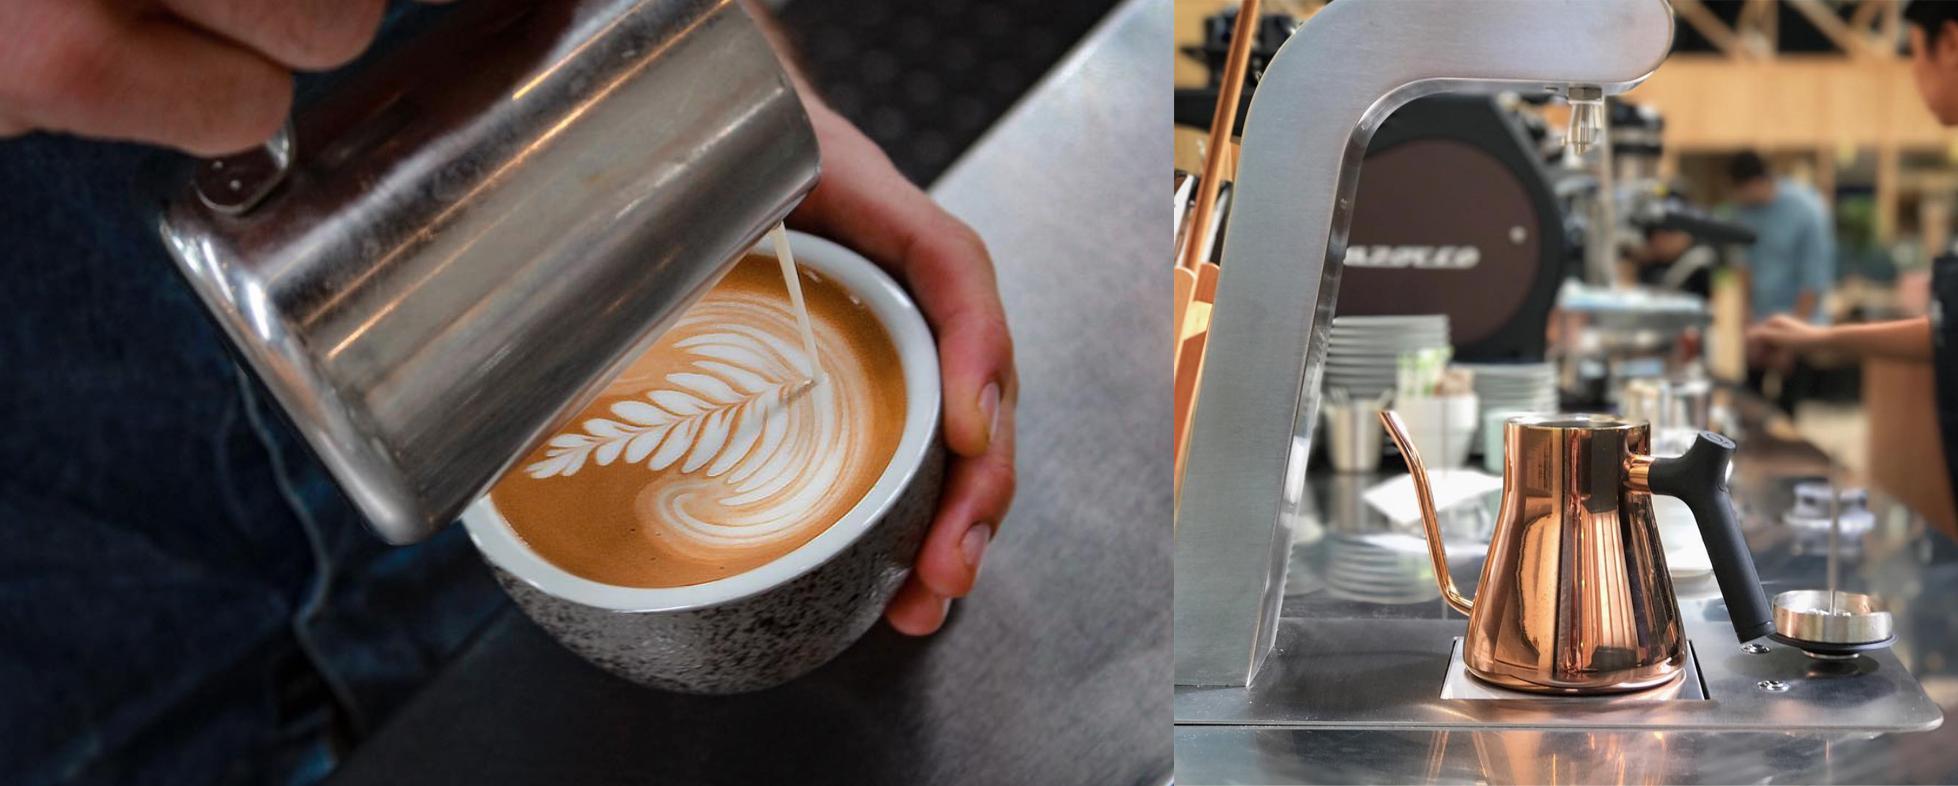 espressoworkshop.jpg